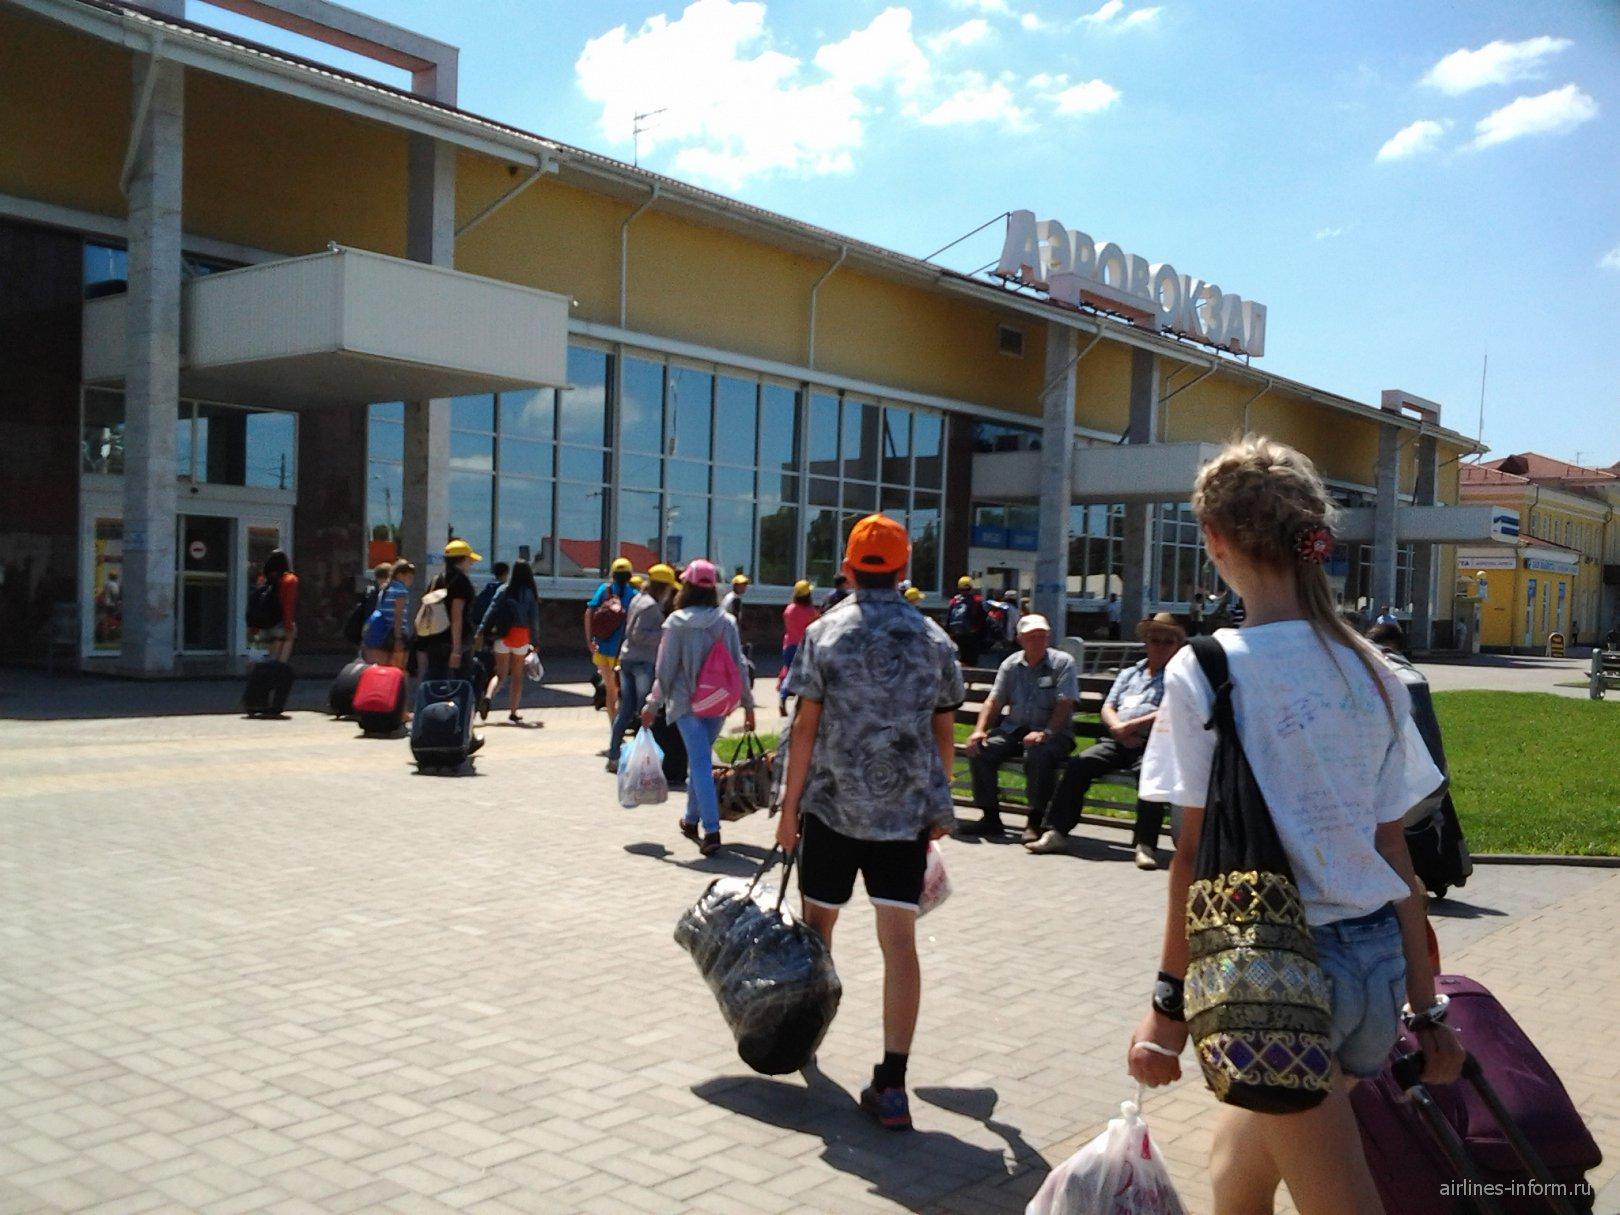 Зал получения багажа в аэропорту Краснодара